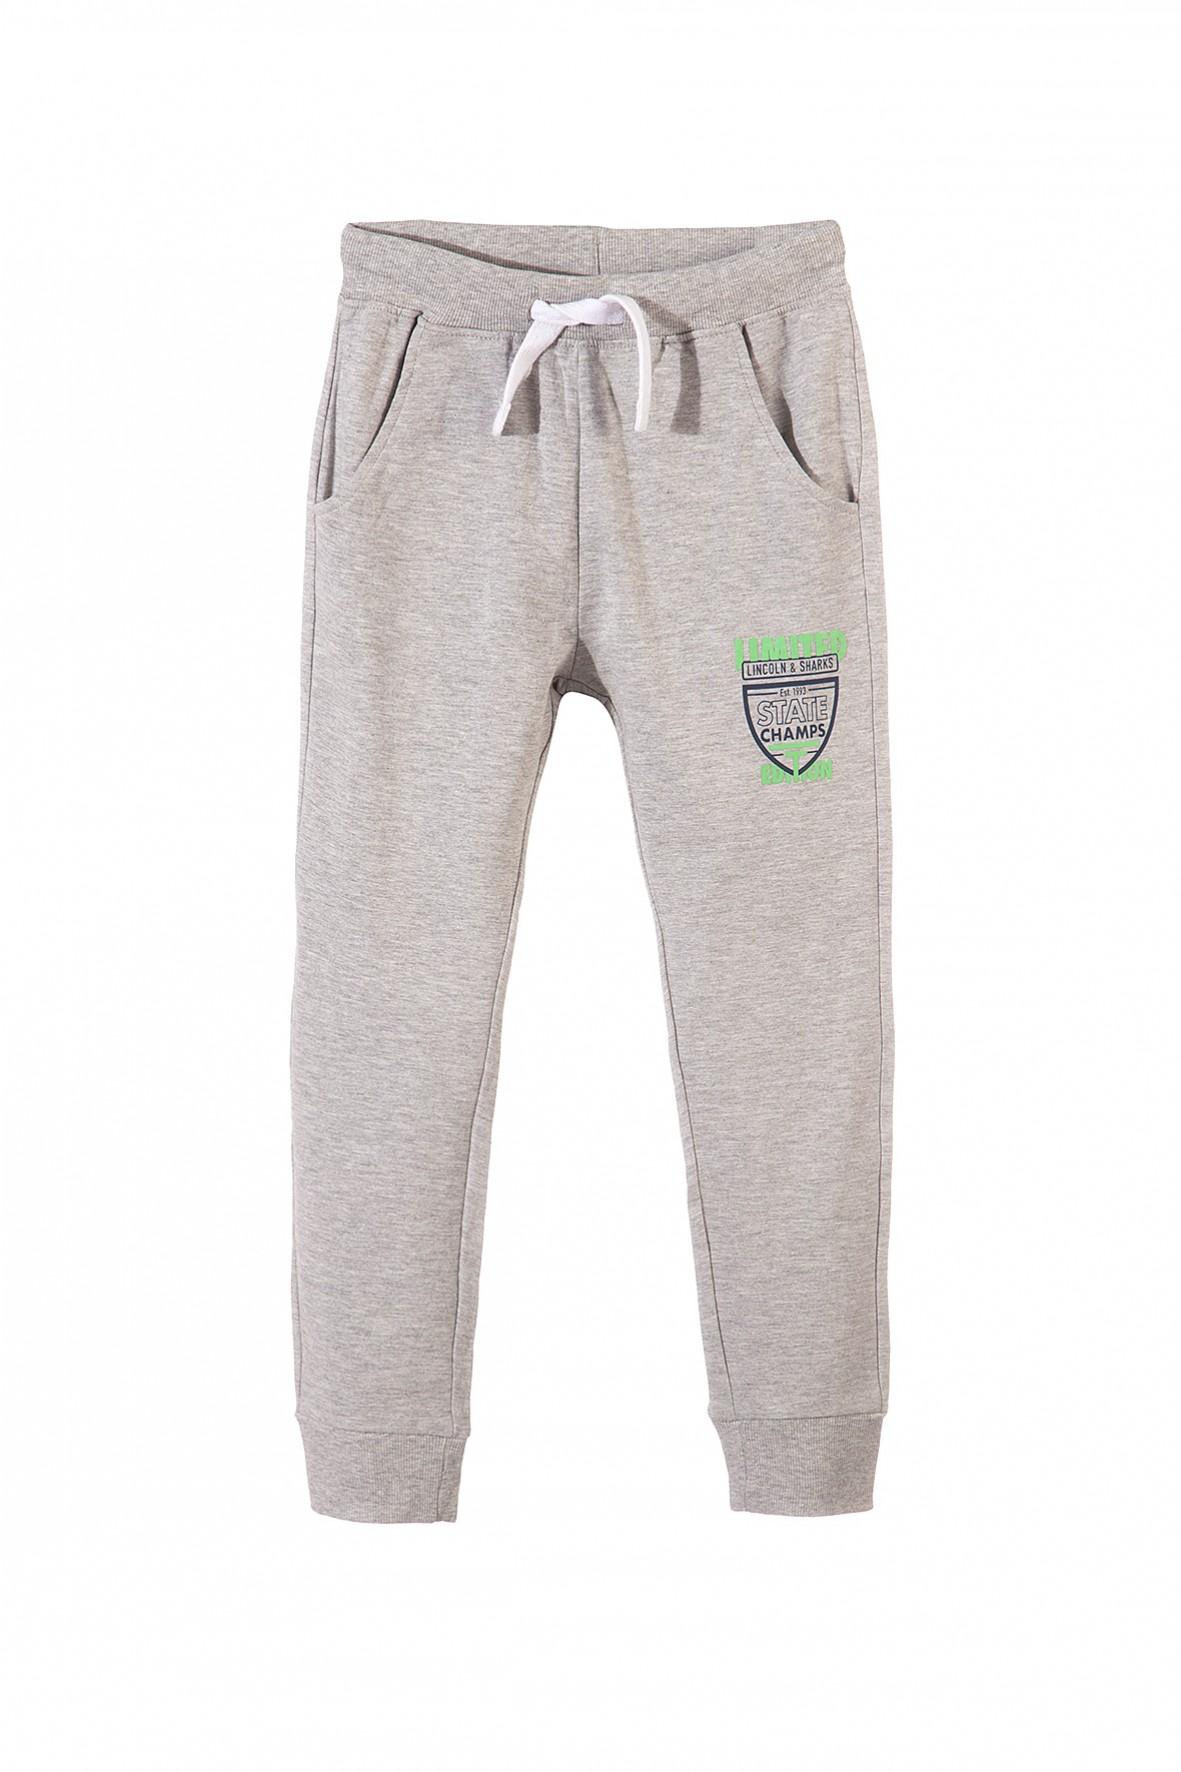 Spodnie dresowe chłopięce 2M3407